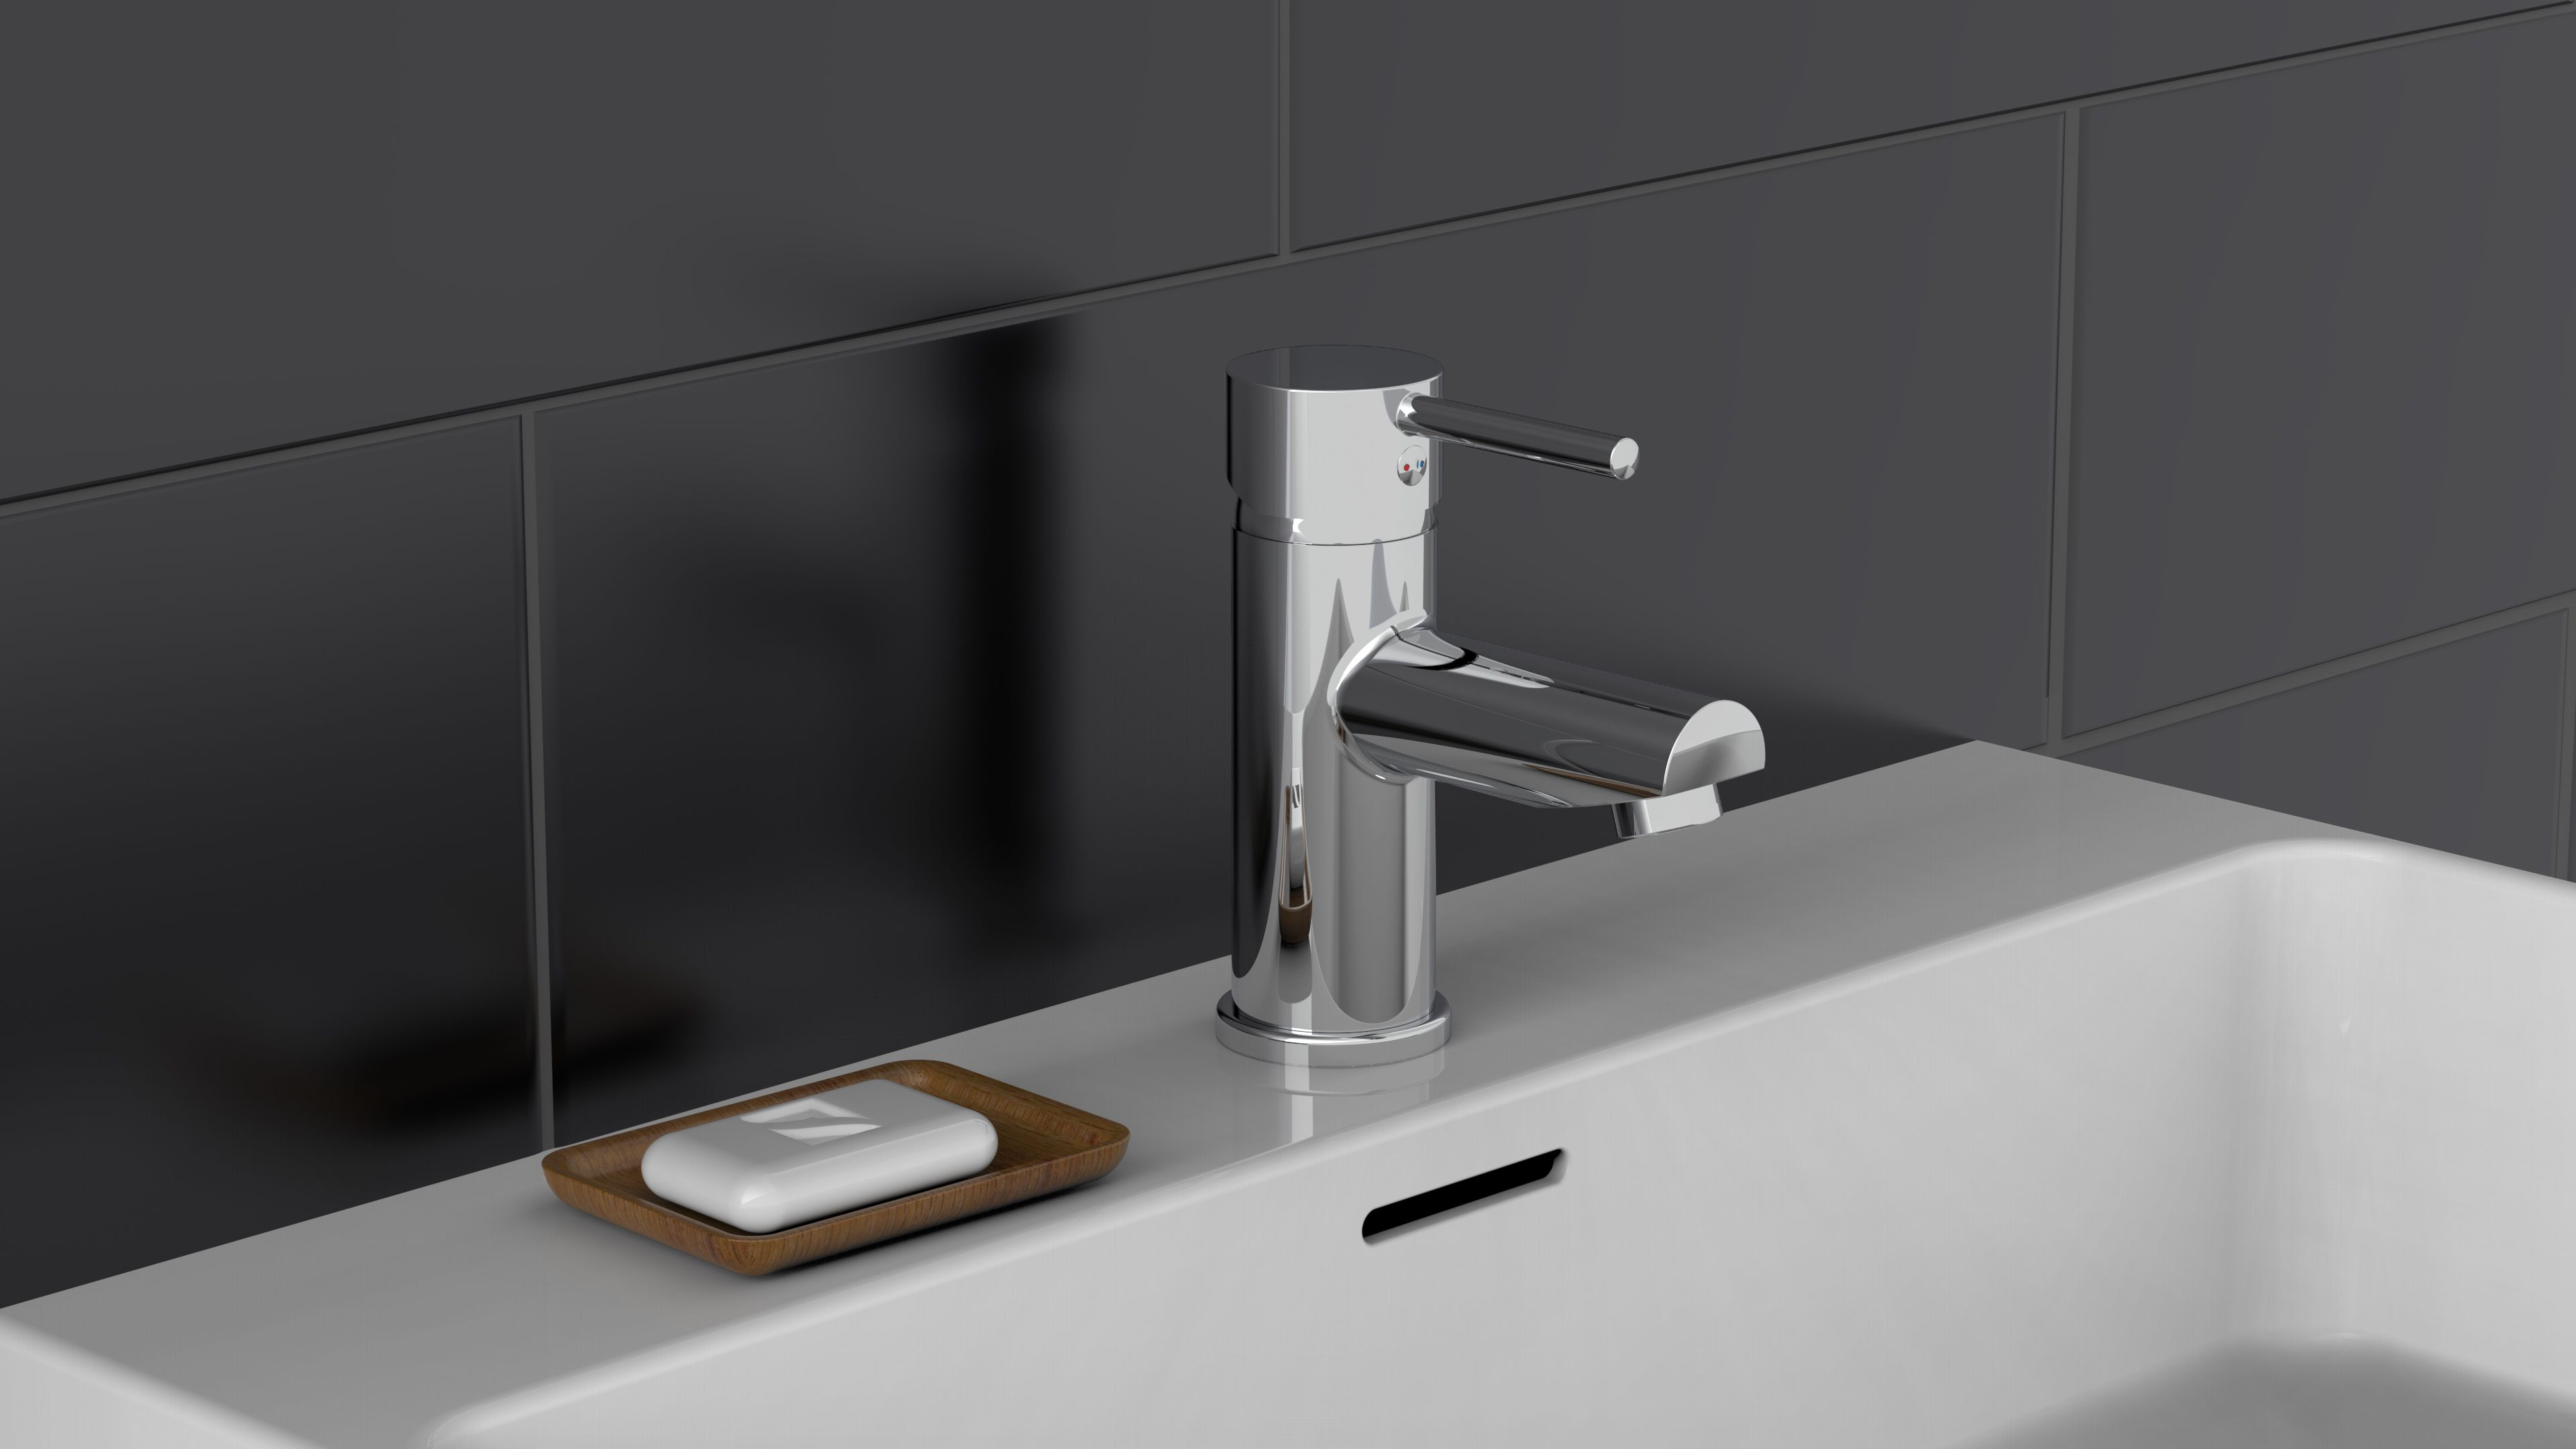 Waschtischarmatur, Wasserhahn für Waschtisch, Badarmatur, DIY Bad